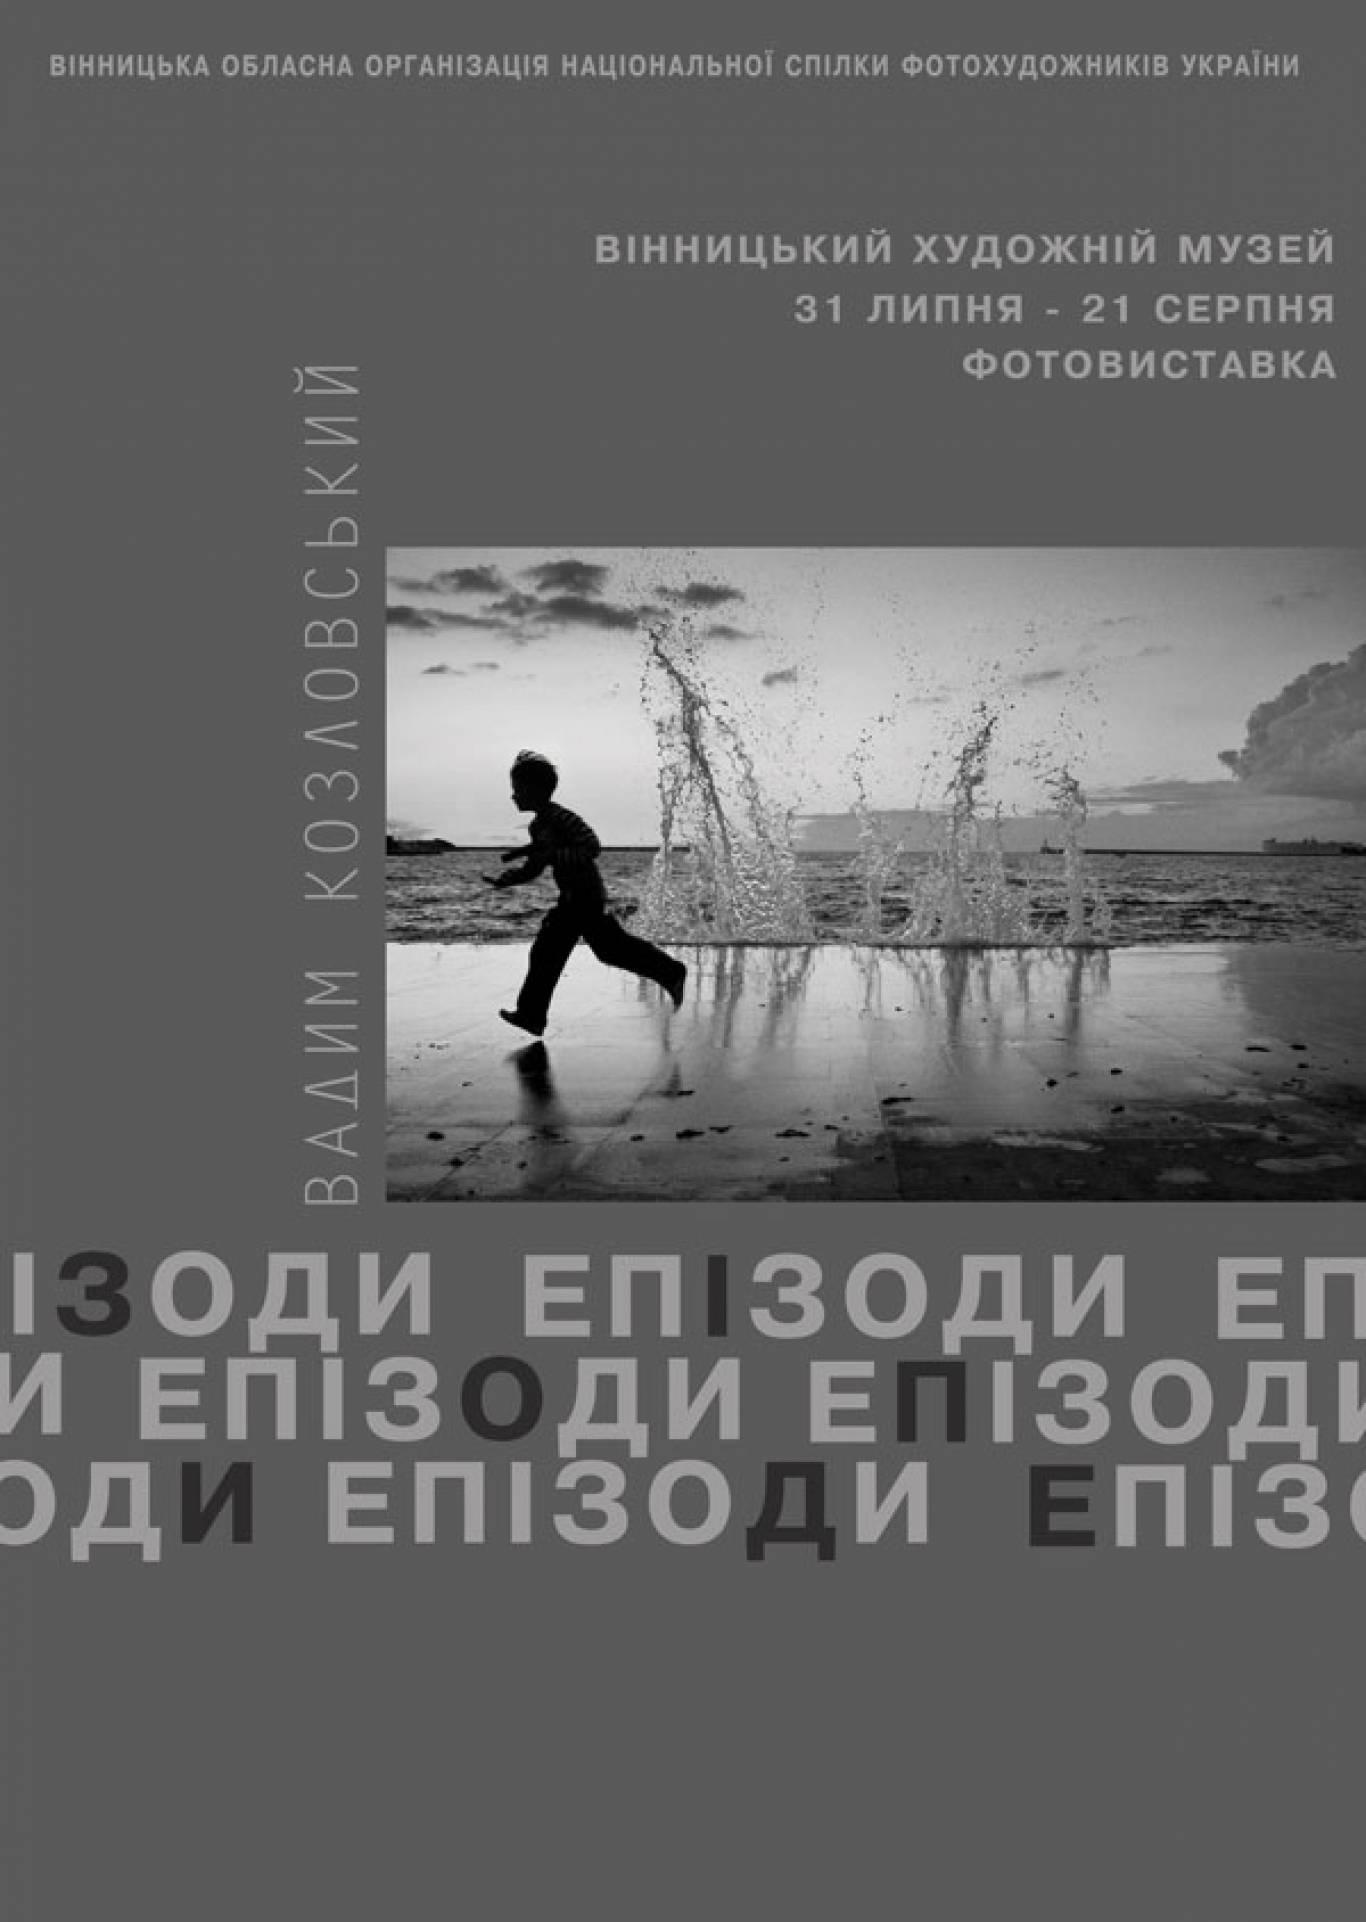 """Фотовиставка Вадима Козловського """"Епізоди"""""""